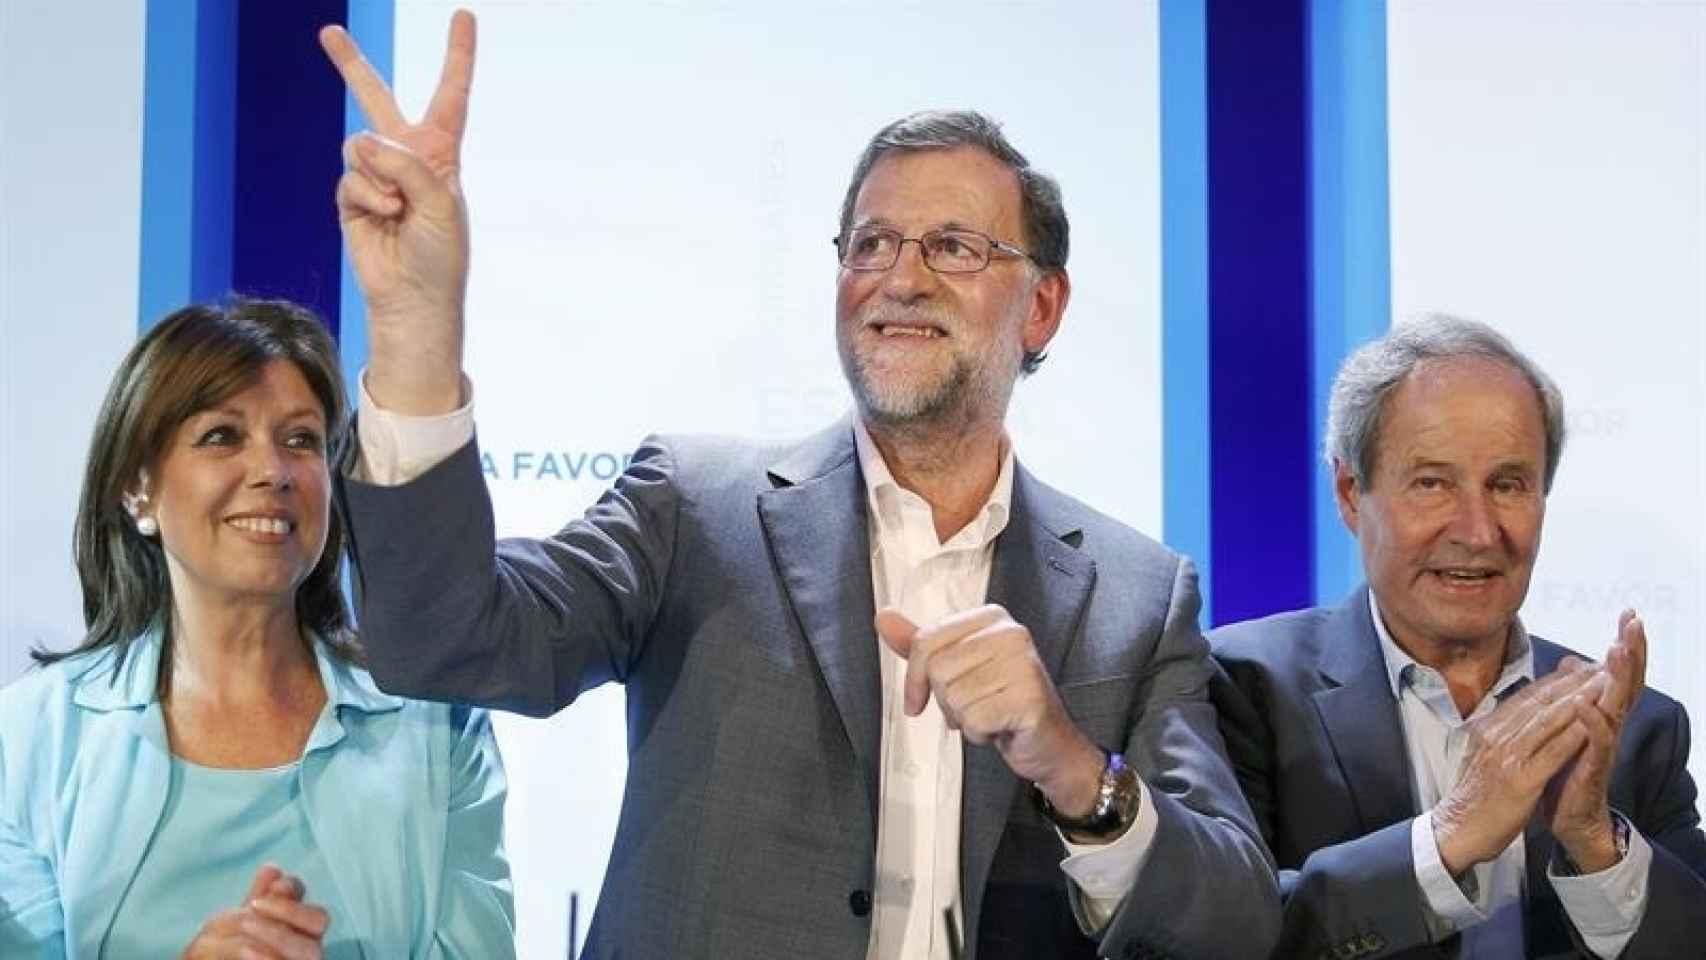 El presidente del Gobierno en funciones, Mariano Rajoy/Andreu Dalmau/EFE